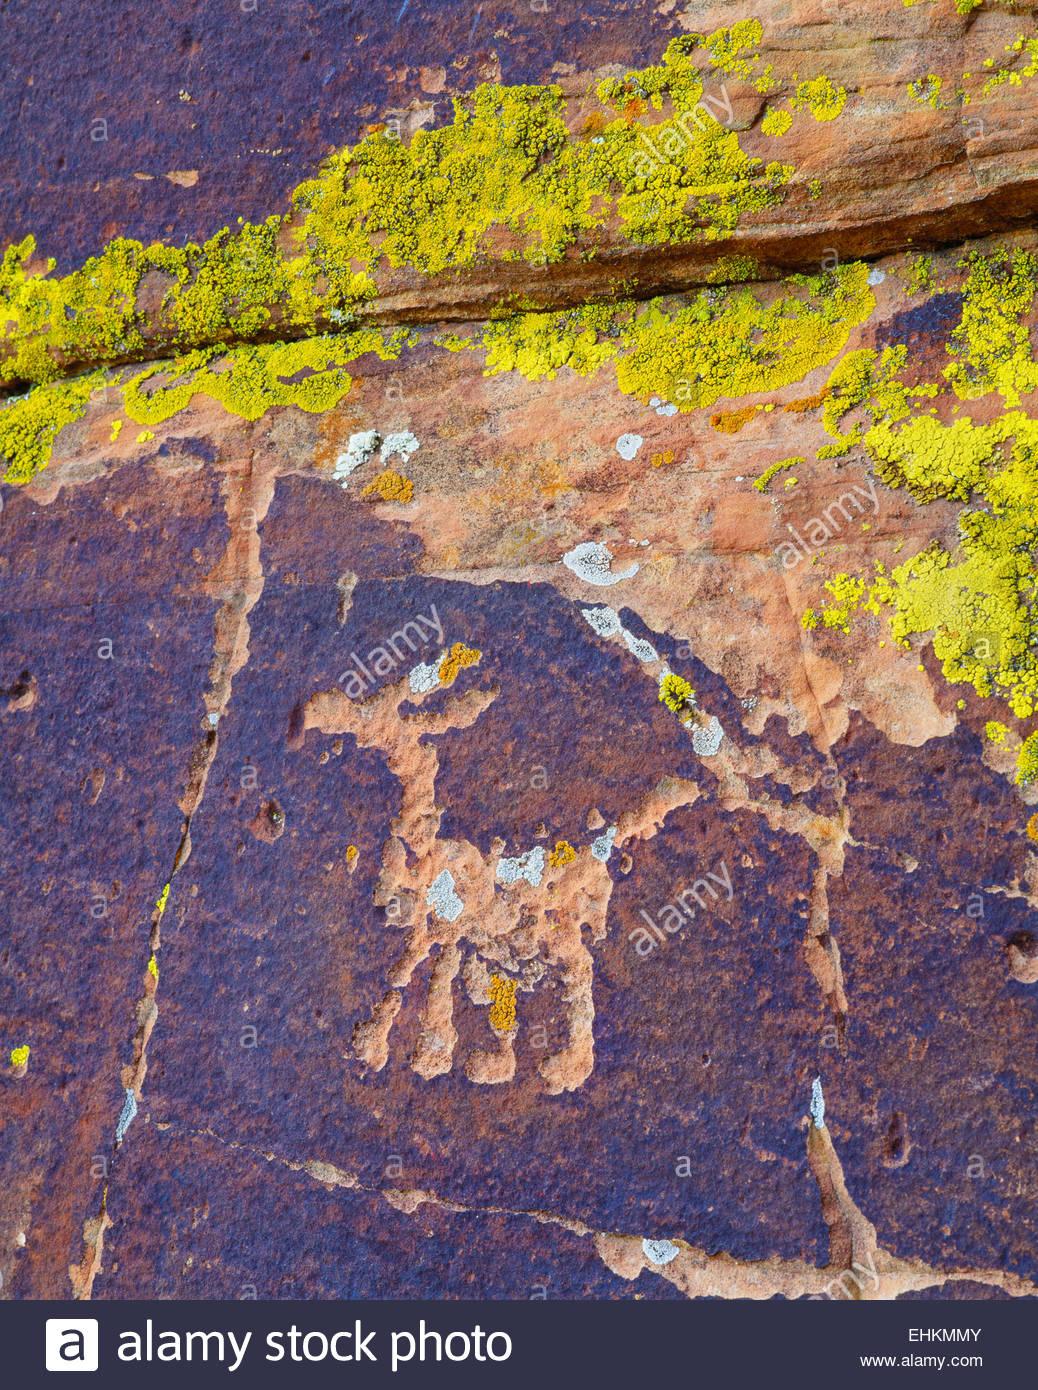 Culture tribue Sinagua, pétroglyphes près de Montezuma. Coconino National Forest, Arizona. Photo Stock